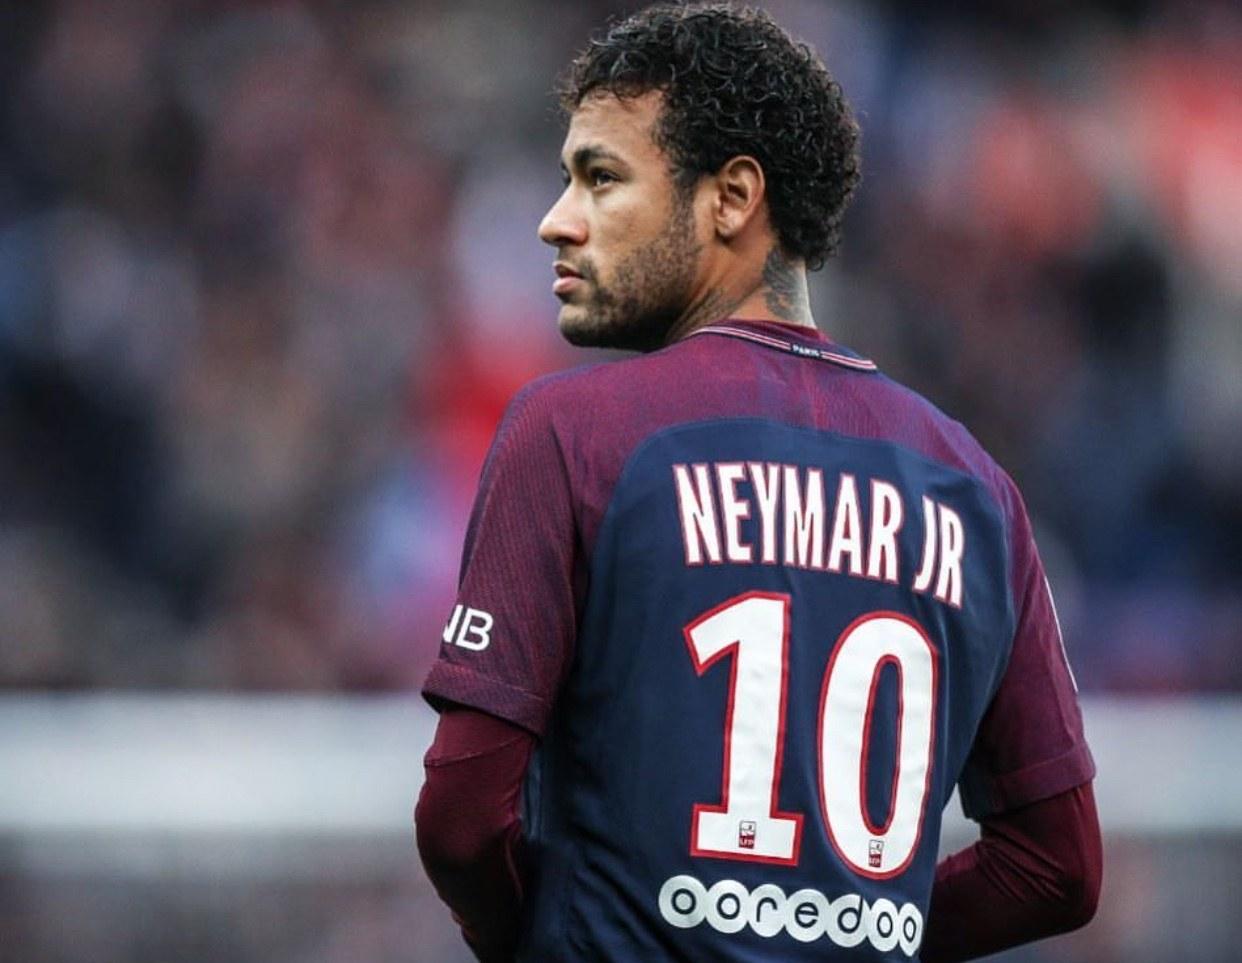 Le Real Madrid pourrait se passer de certains joueurs pour s'offrir Neymar 29